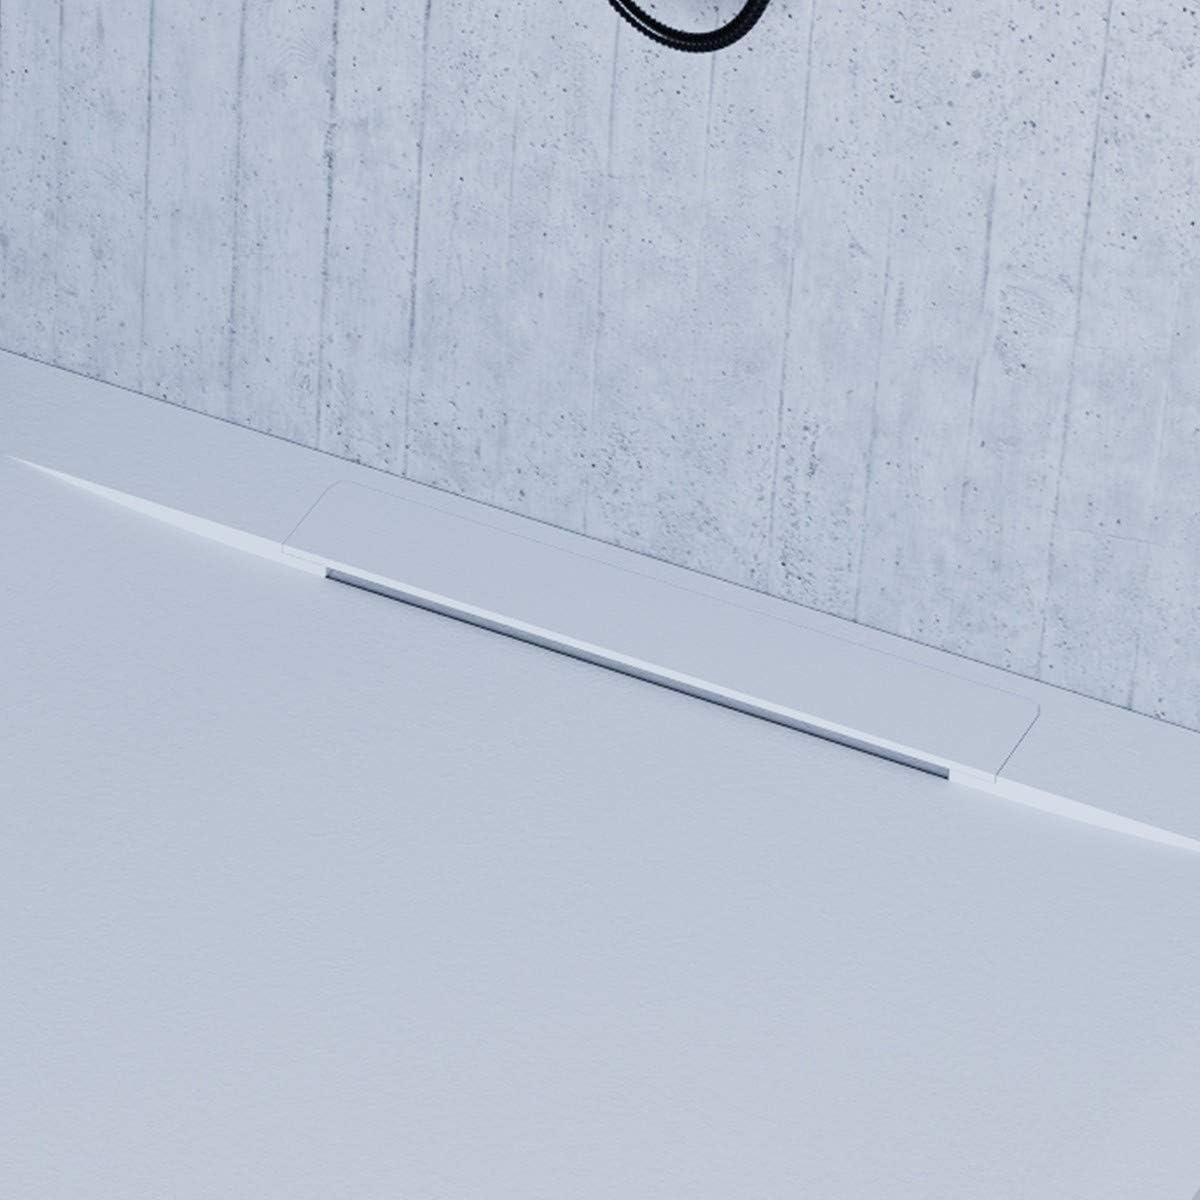 Mineral Marbre 80x170 Olimpo Docce Receveur de Douche Vincent Blanc Design Minimal